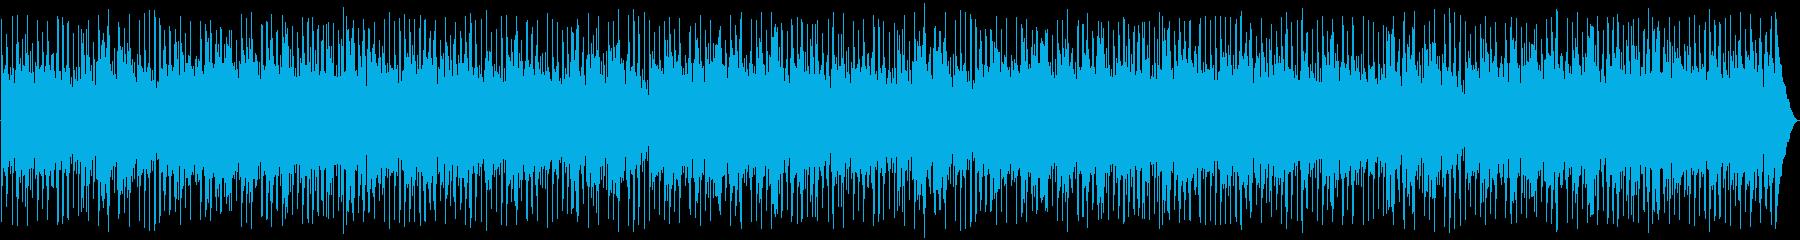 かなりアコースティックギターのパー...の再生済みの波形